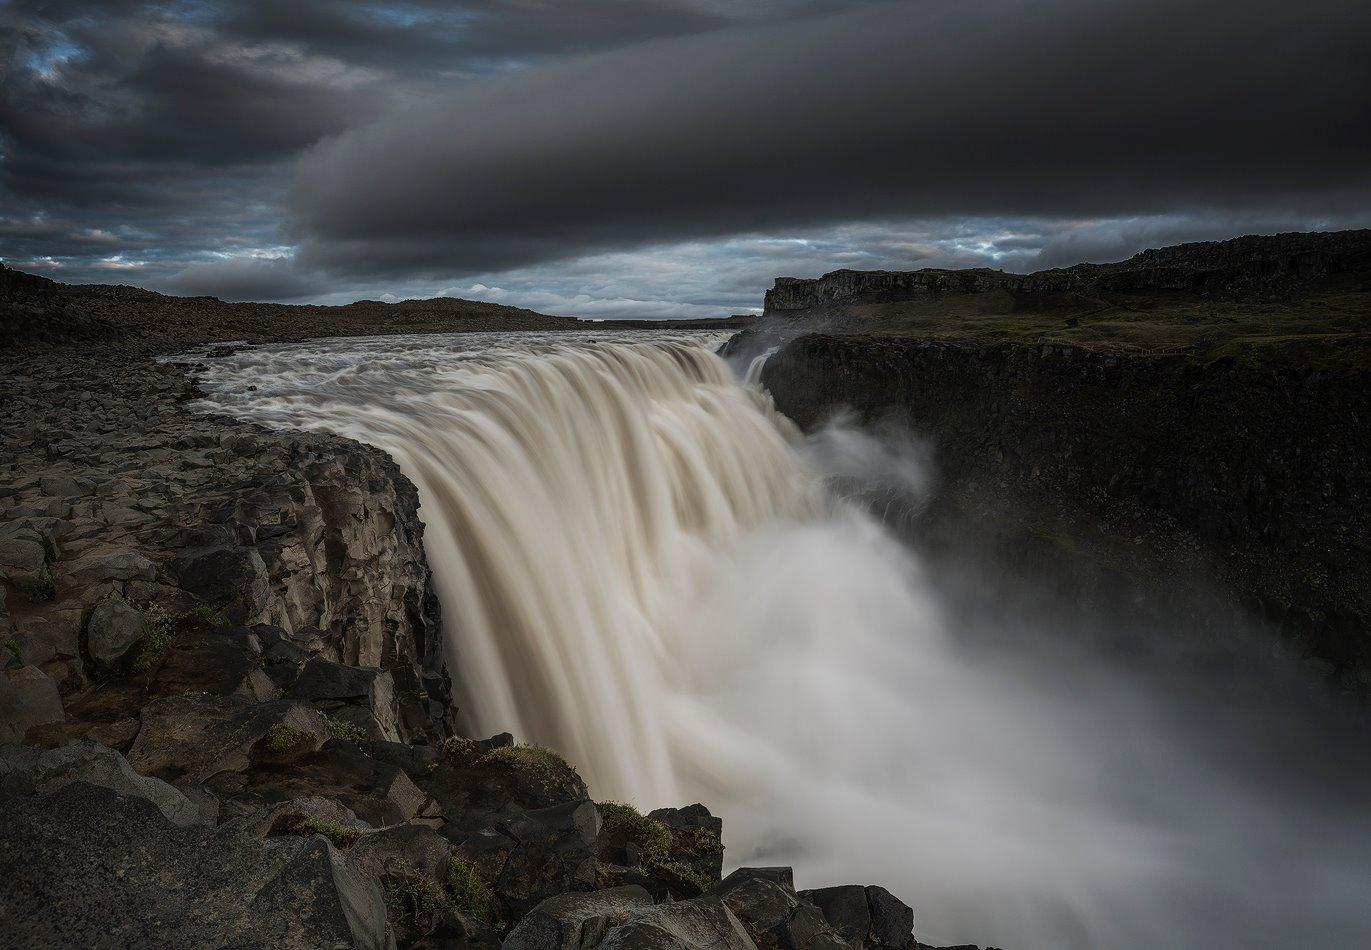 Was die durchschnittliche Wassermenge angeht, übertrifft der norwegische Wasserfall Sarpefossen den berühmten Dettifoss in Island, aber er ist nur ungefähr halb so groß.